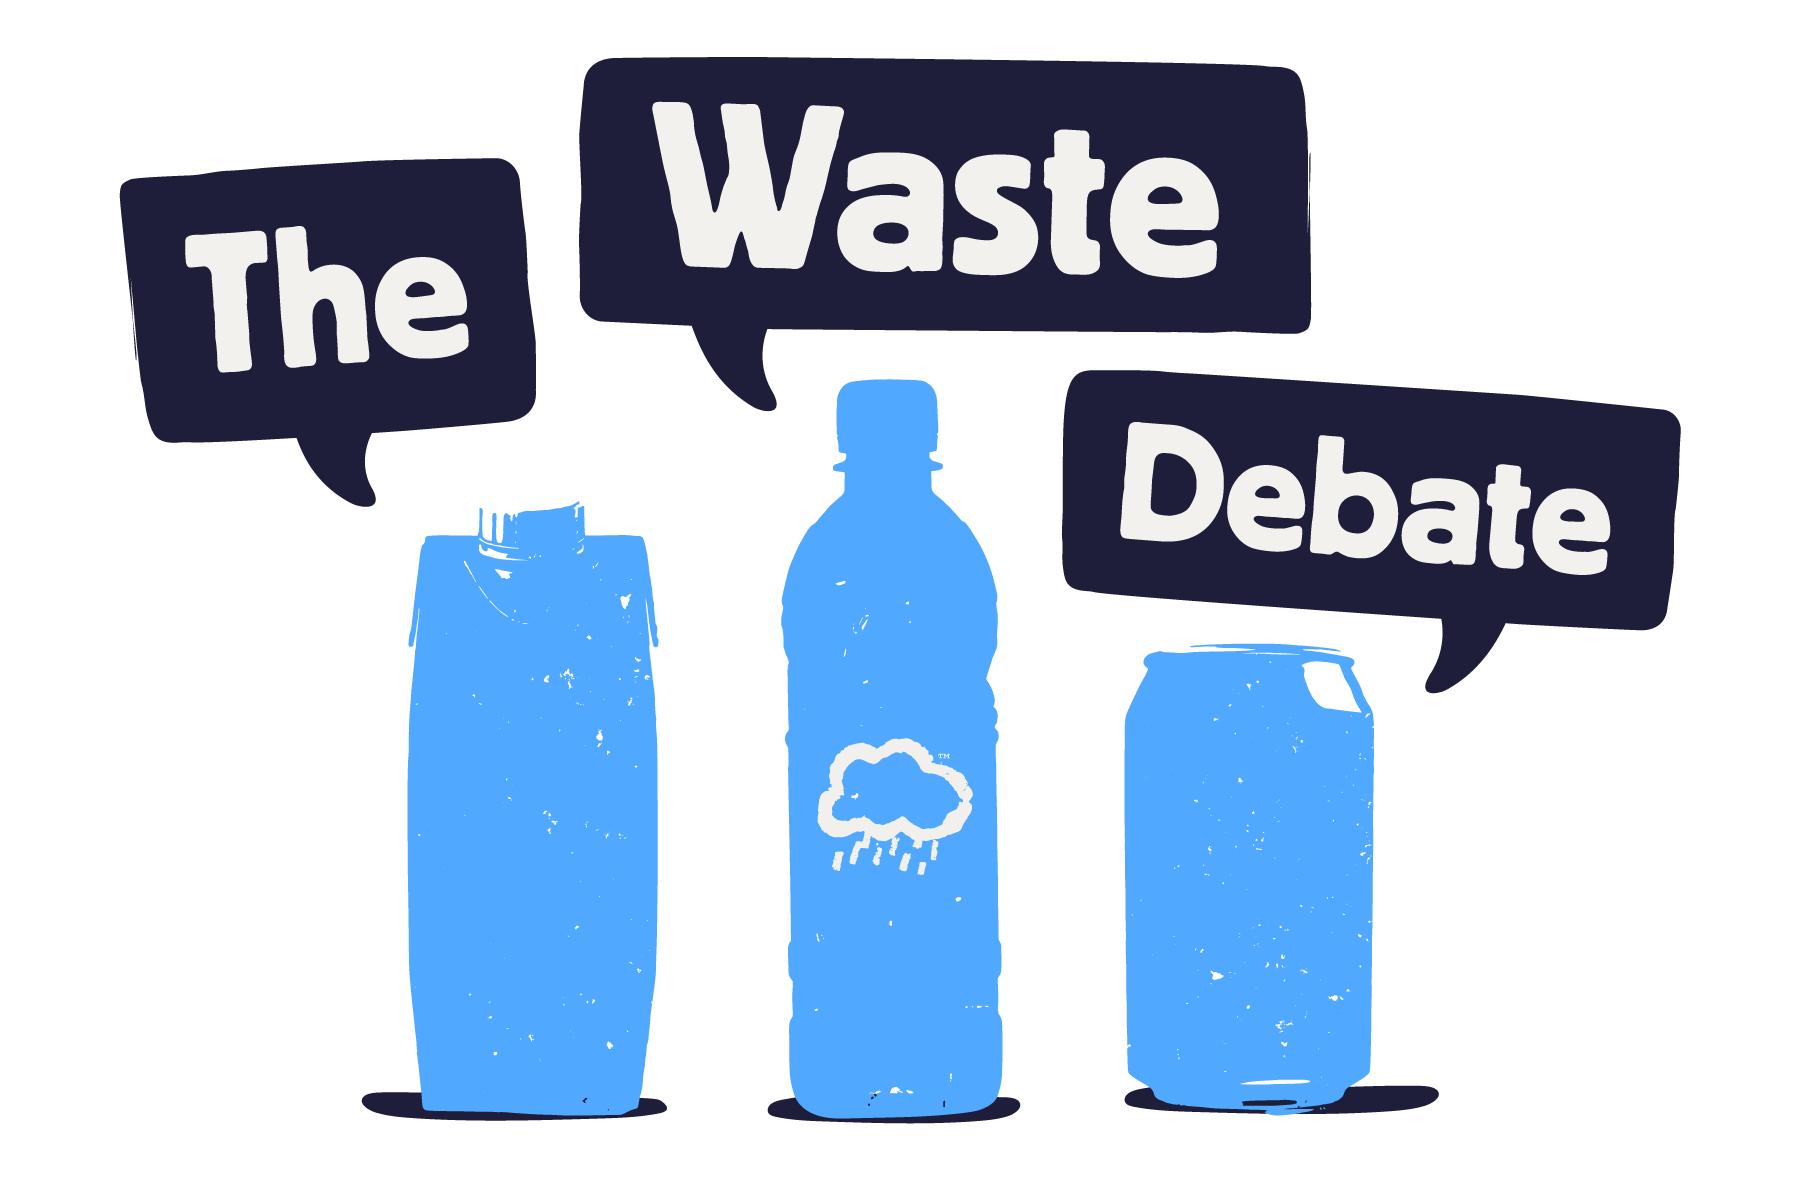 the-waste-debate.png